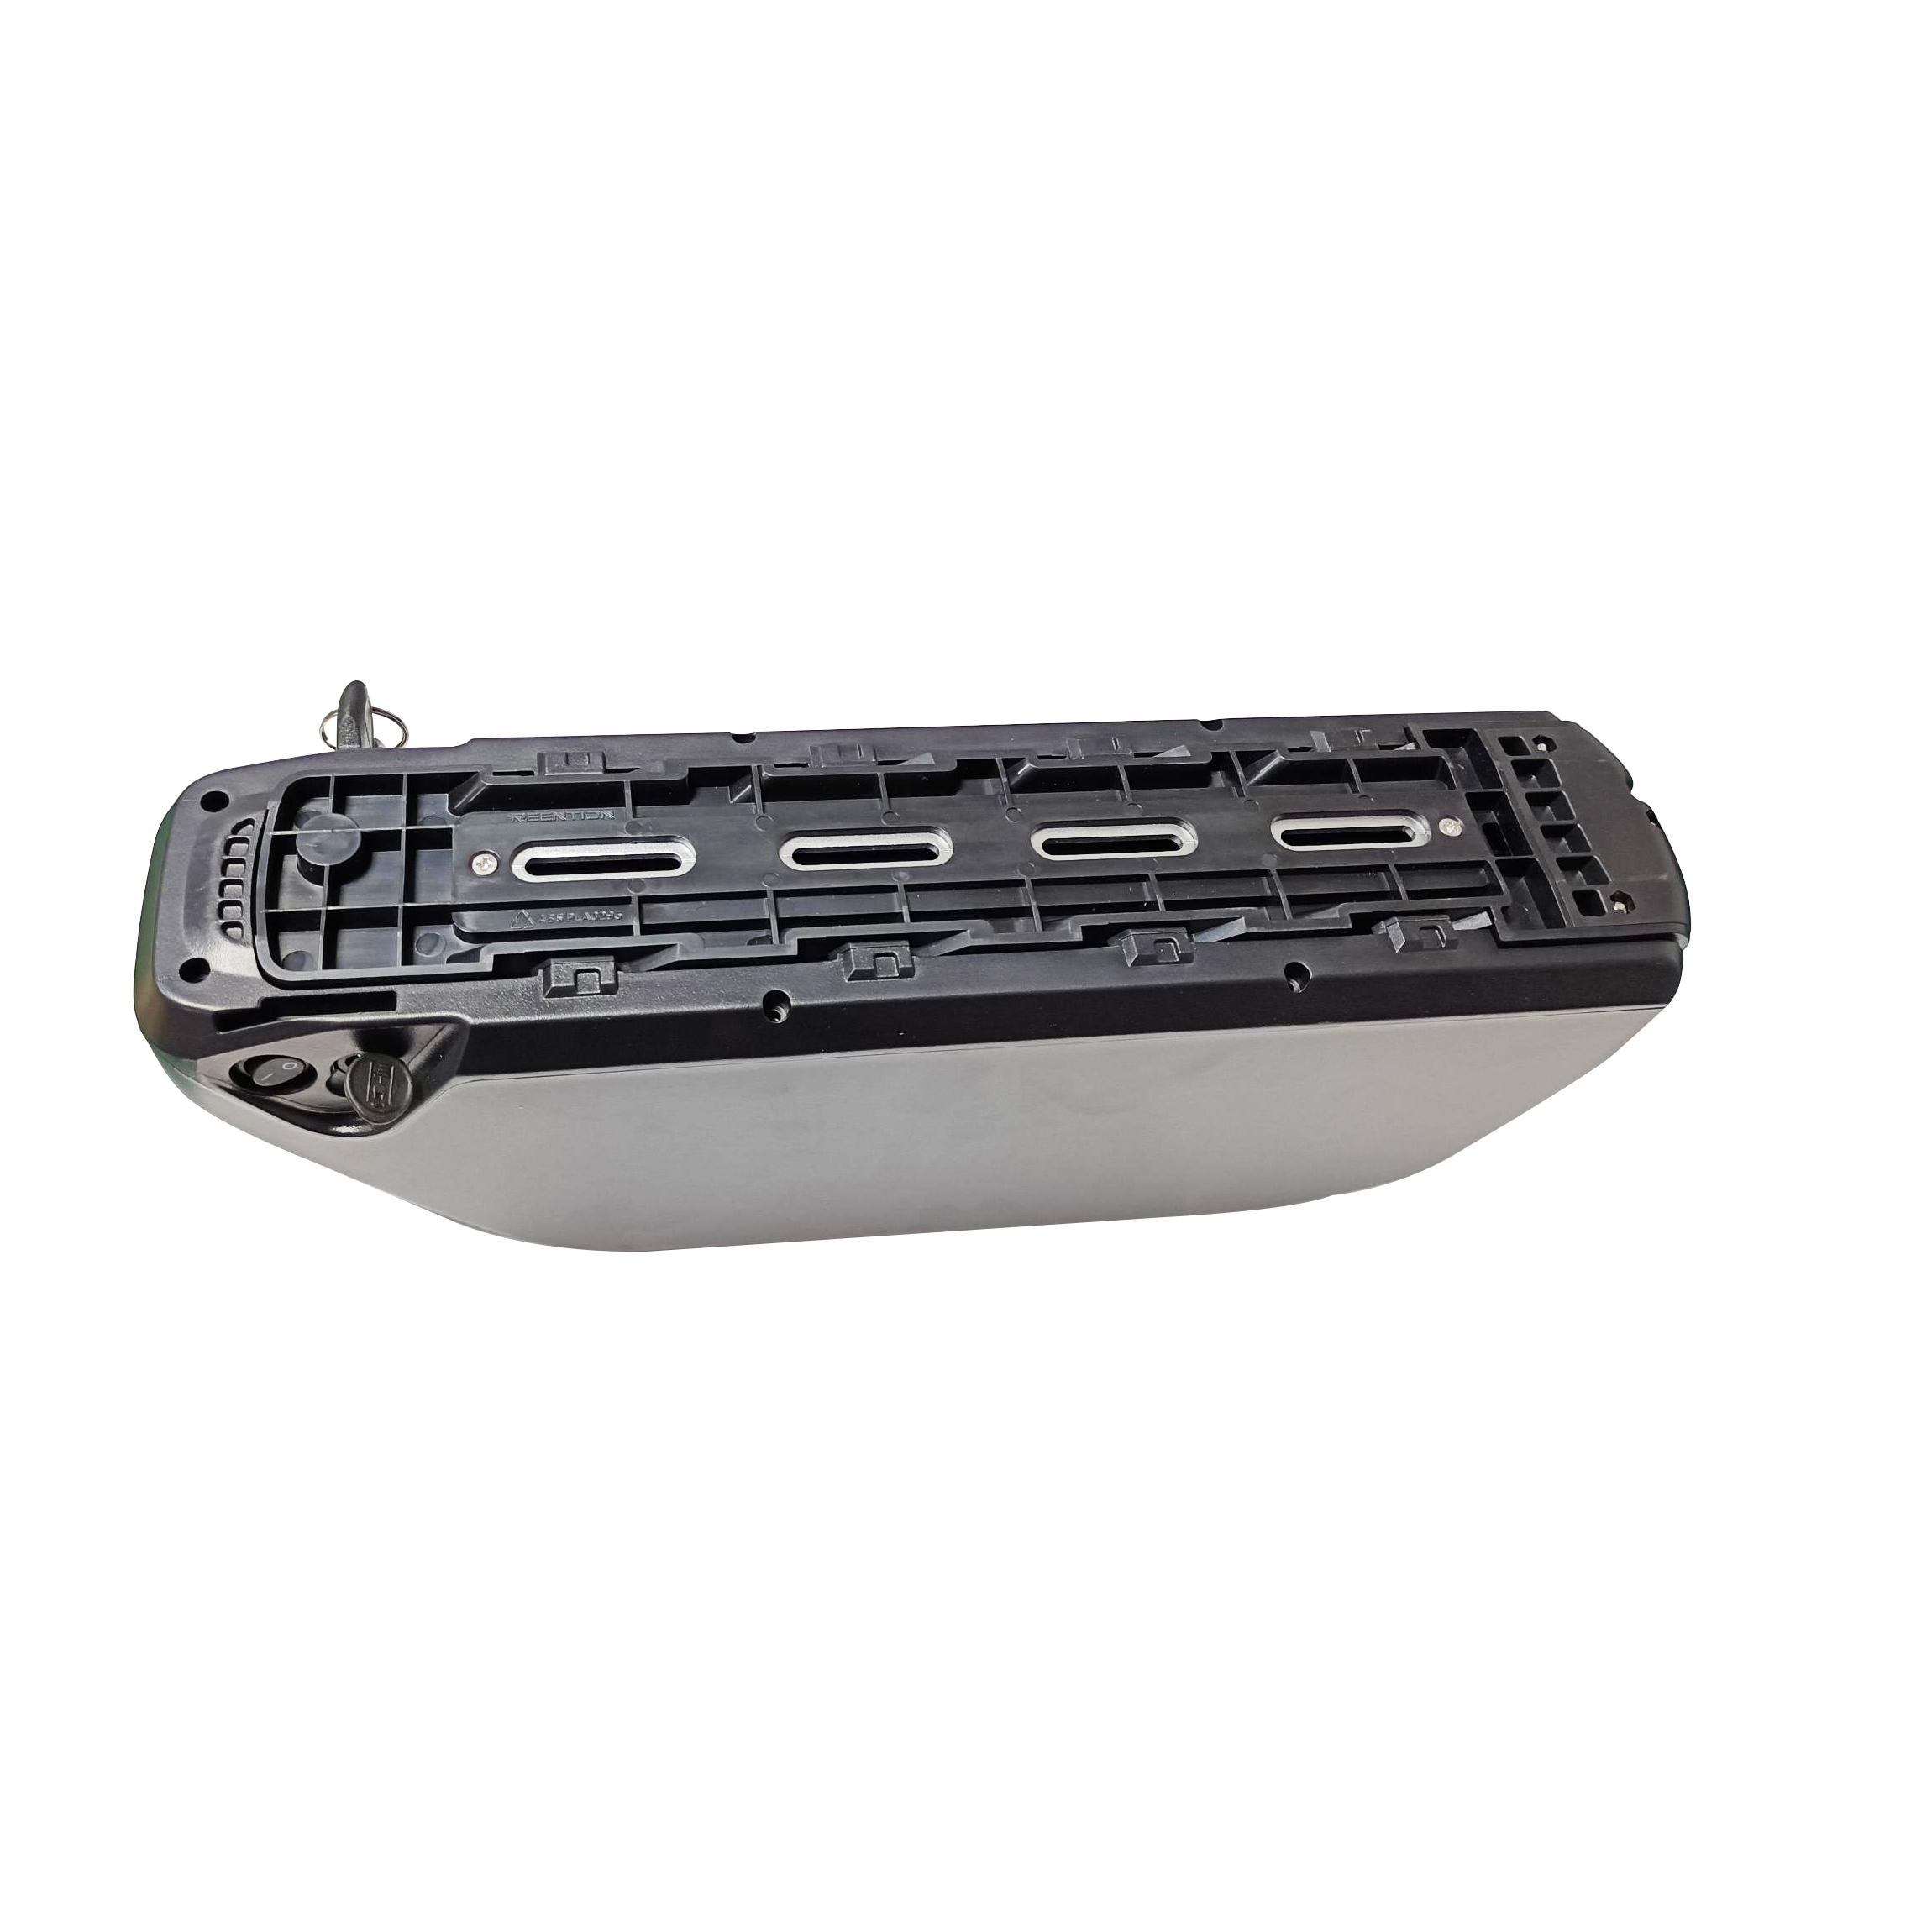 10S9P 13S7P 14S6P REENTION DP-9 18650 e-bike battery case empty boxes